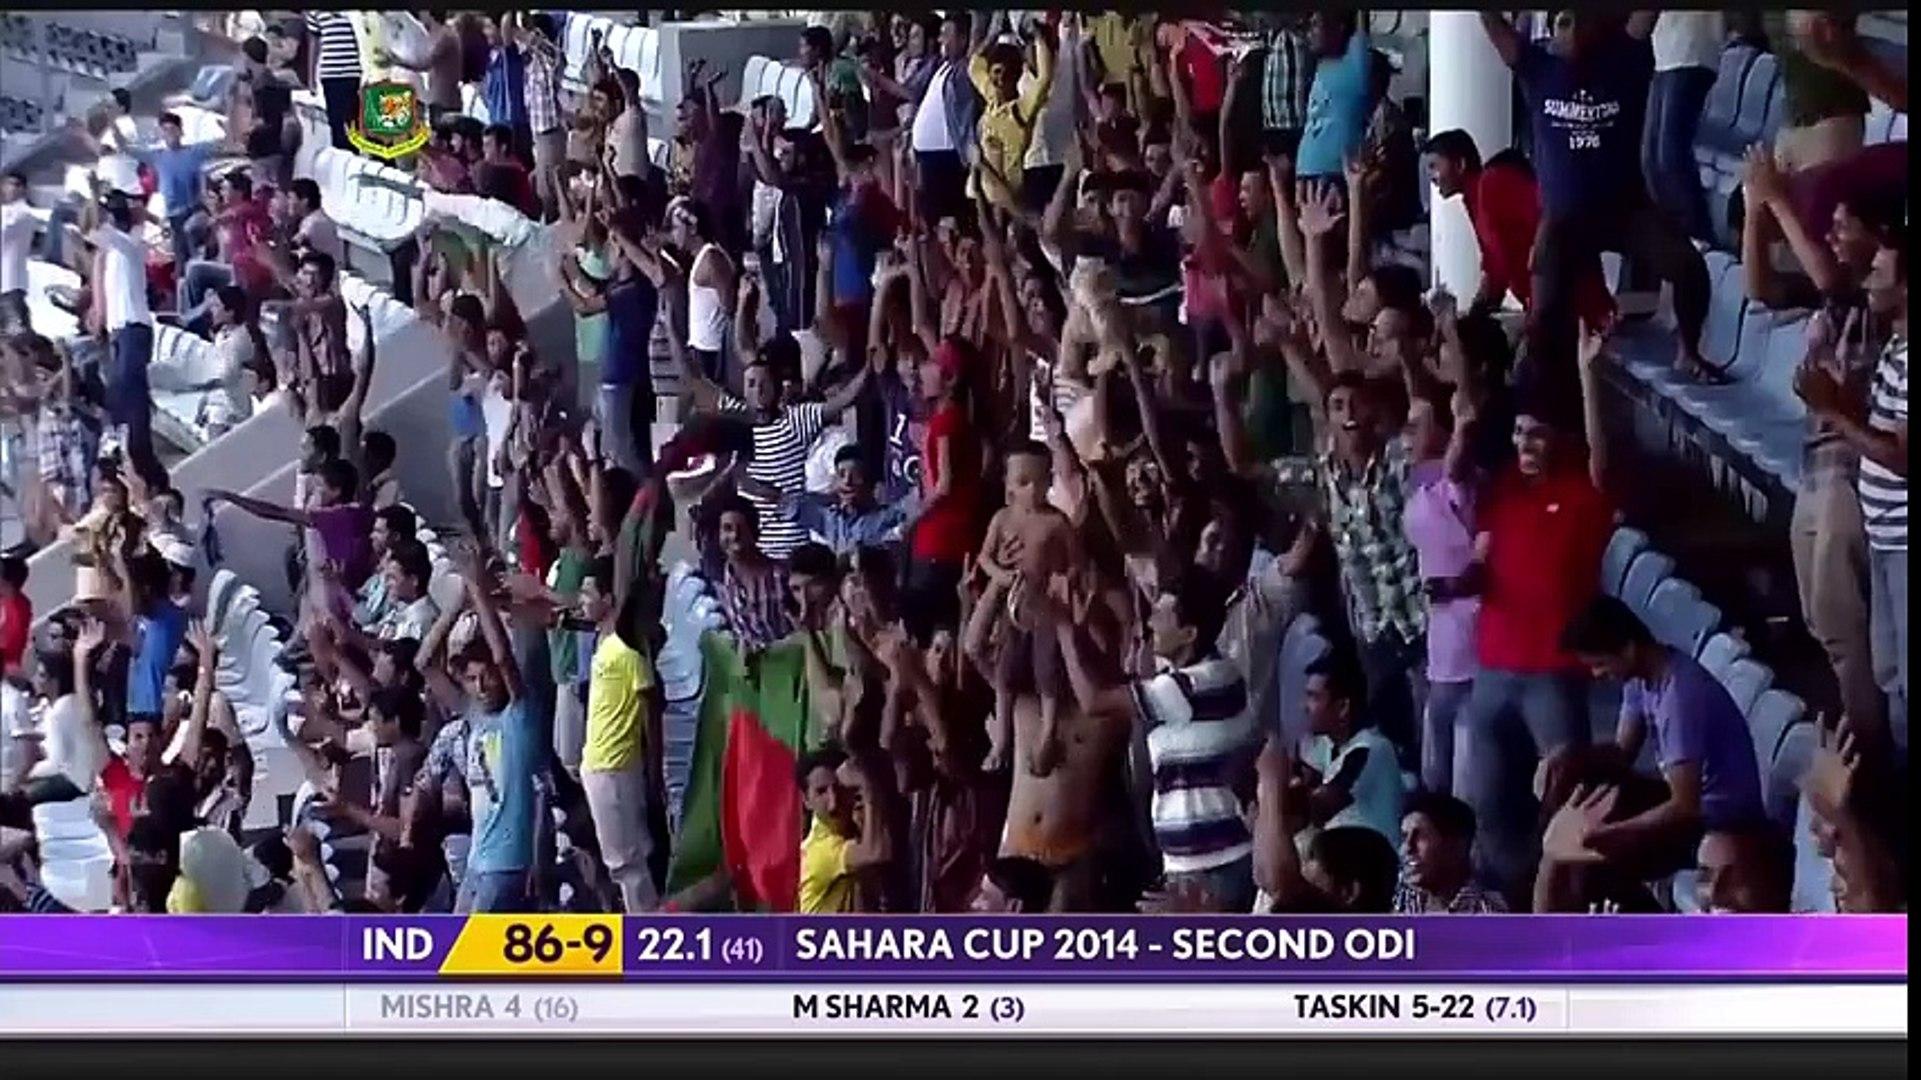 India Vs Bangladesh Full Highlights - India 105/10 & Bangladesh 58/10